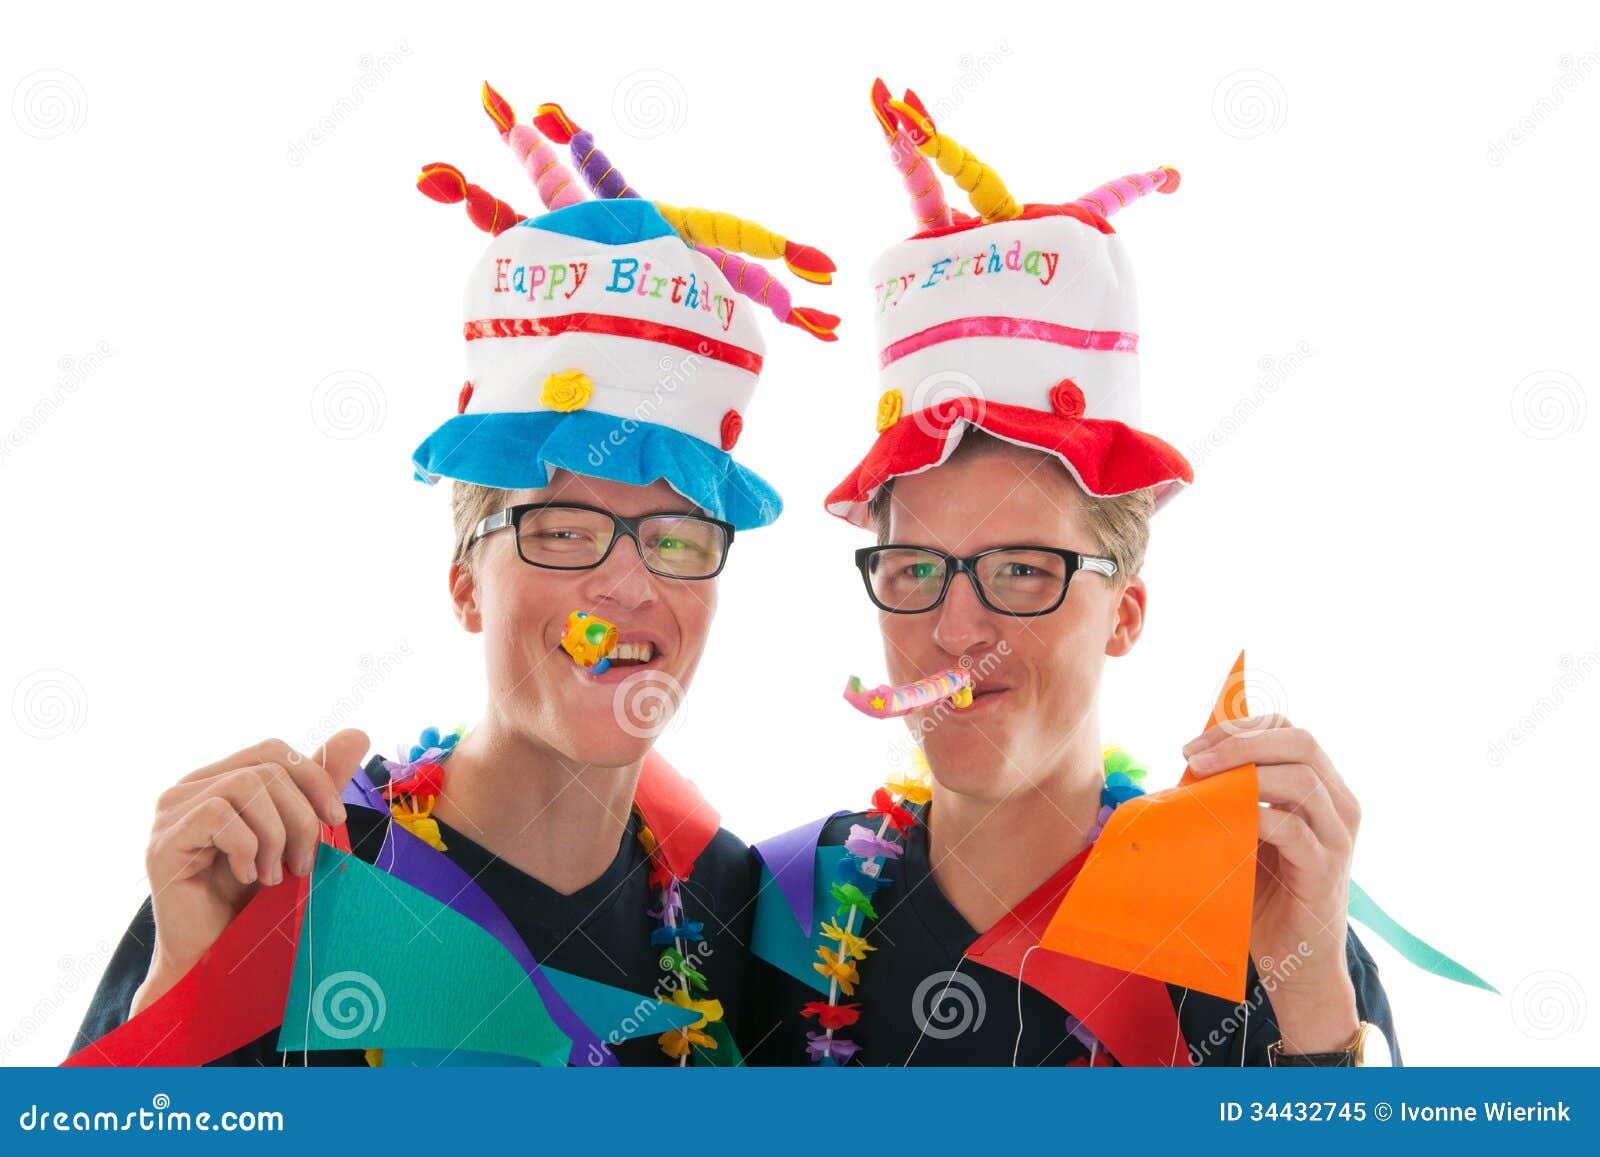 Verjaardag Tweeling Volwassen.Verjaardag Tweeling Volwassen Verjaardag